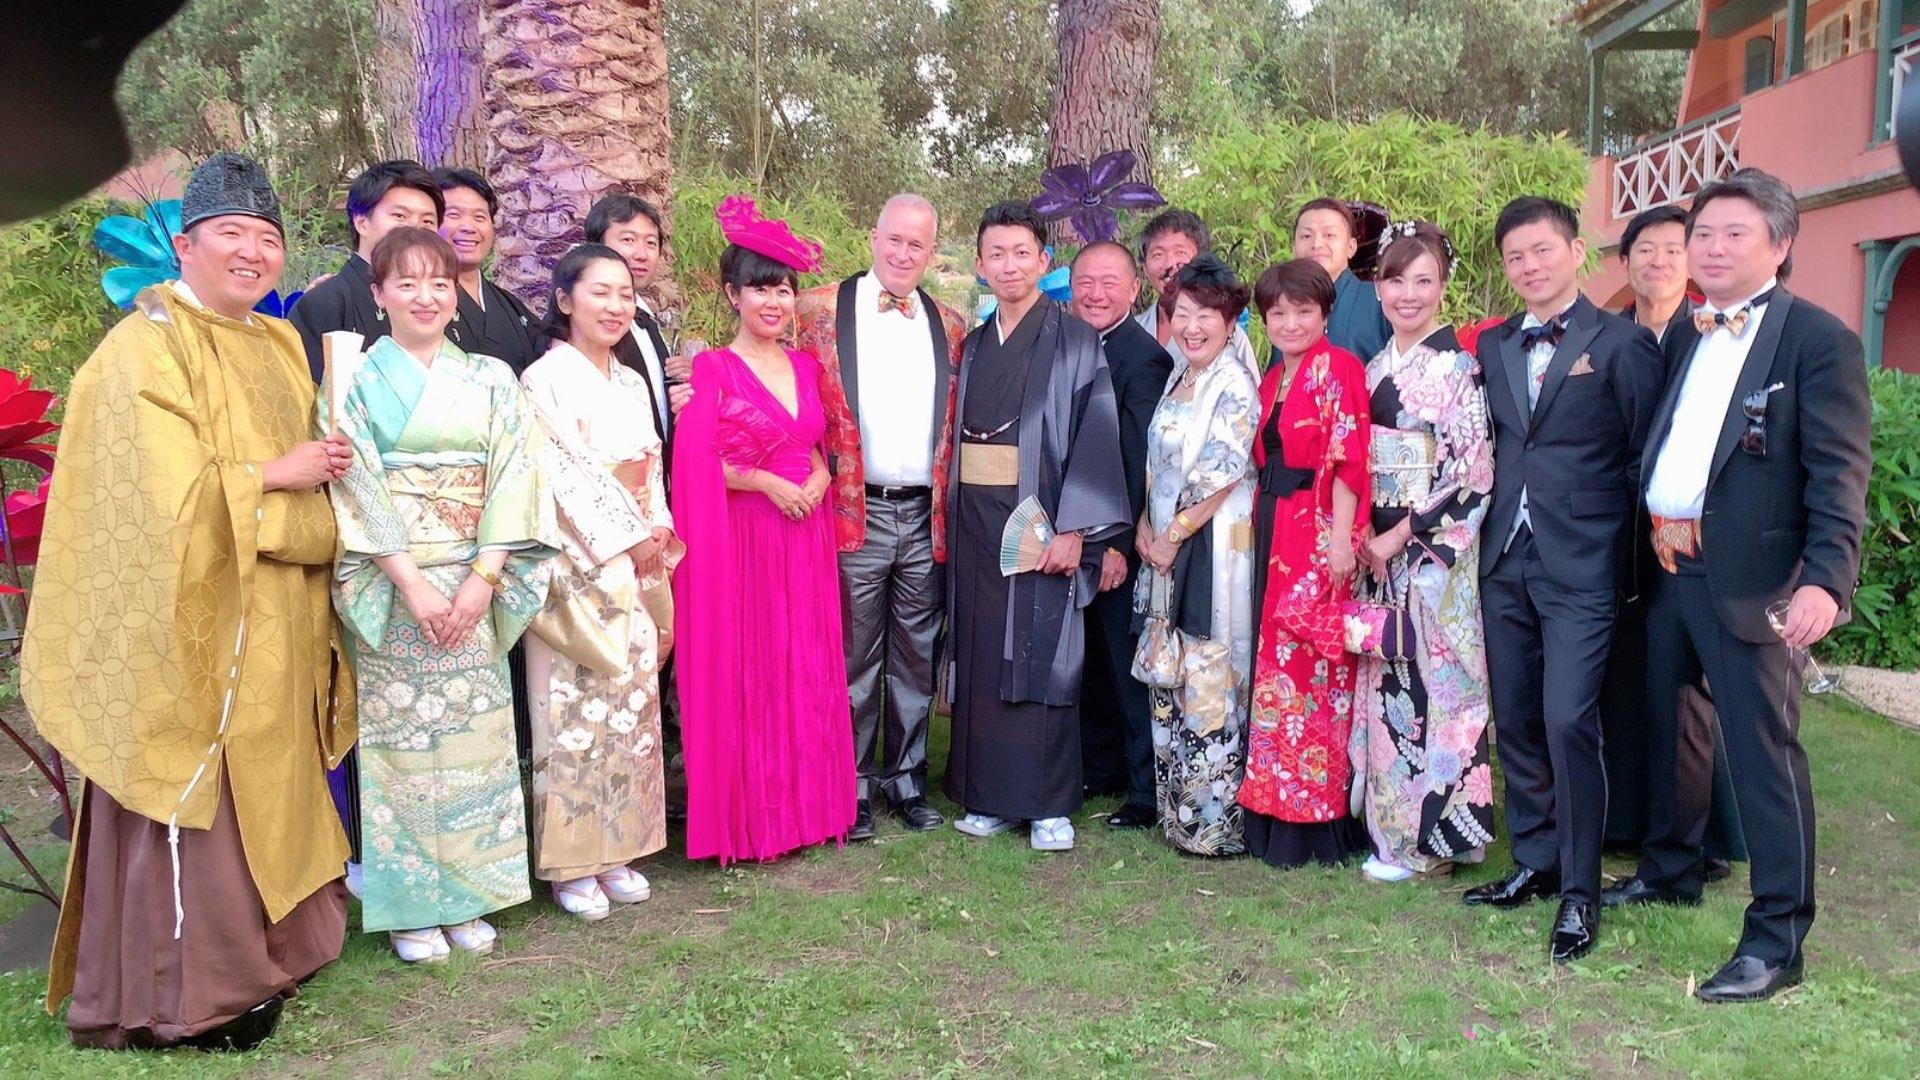 HIME代表の坂東康子と仲間たち